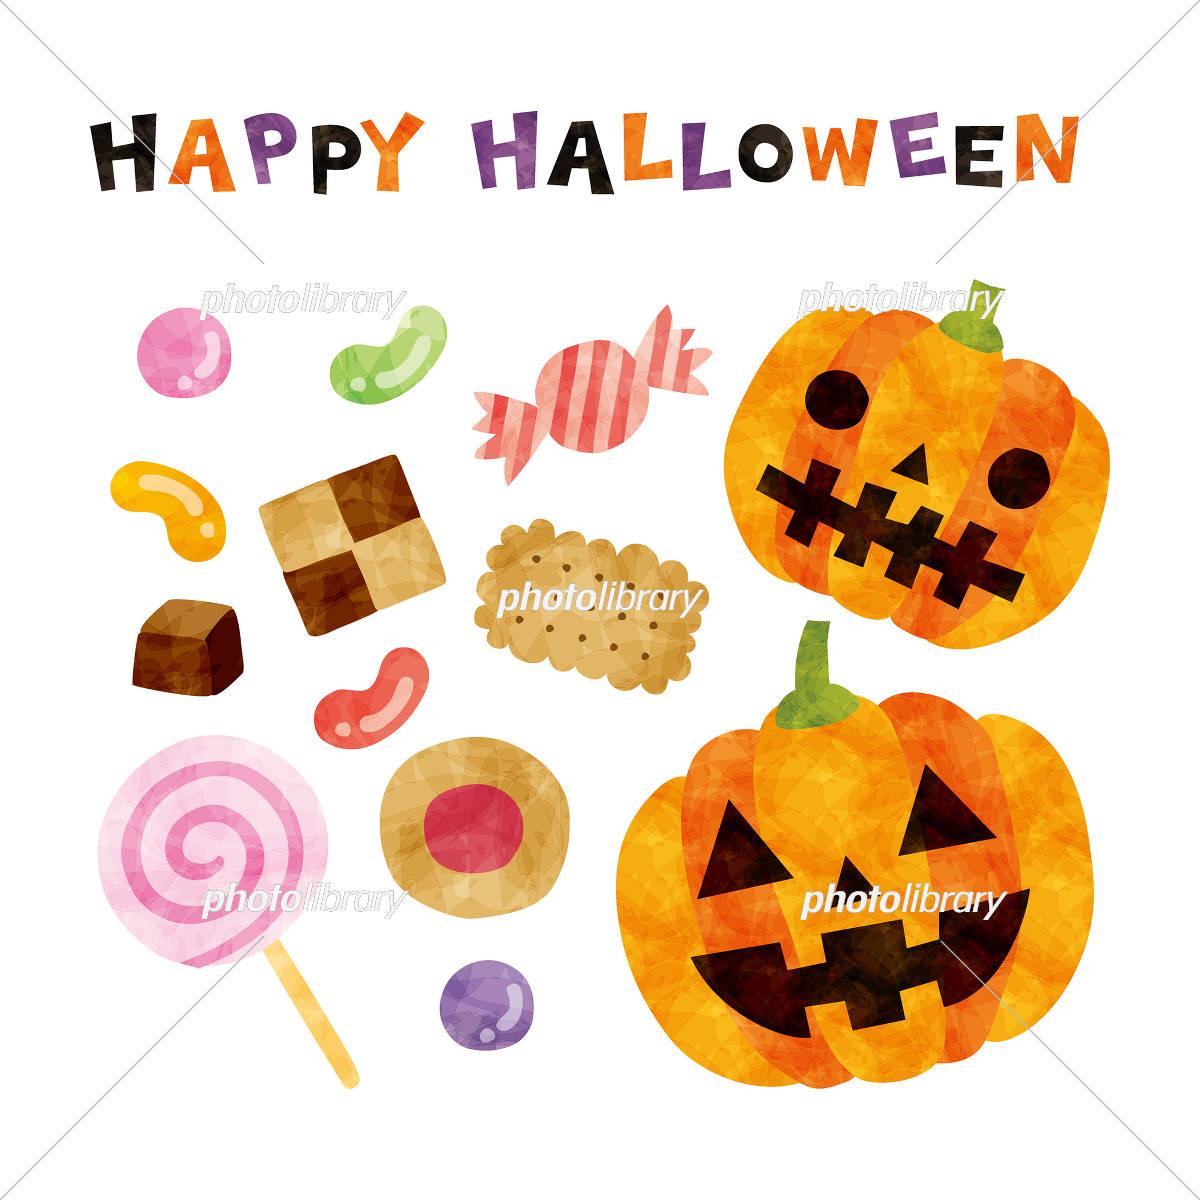 ハロウィン お菓子 イラスト素材 5290084 無料 フォトライブラリー